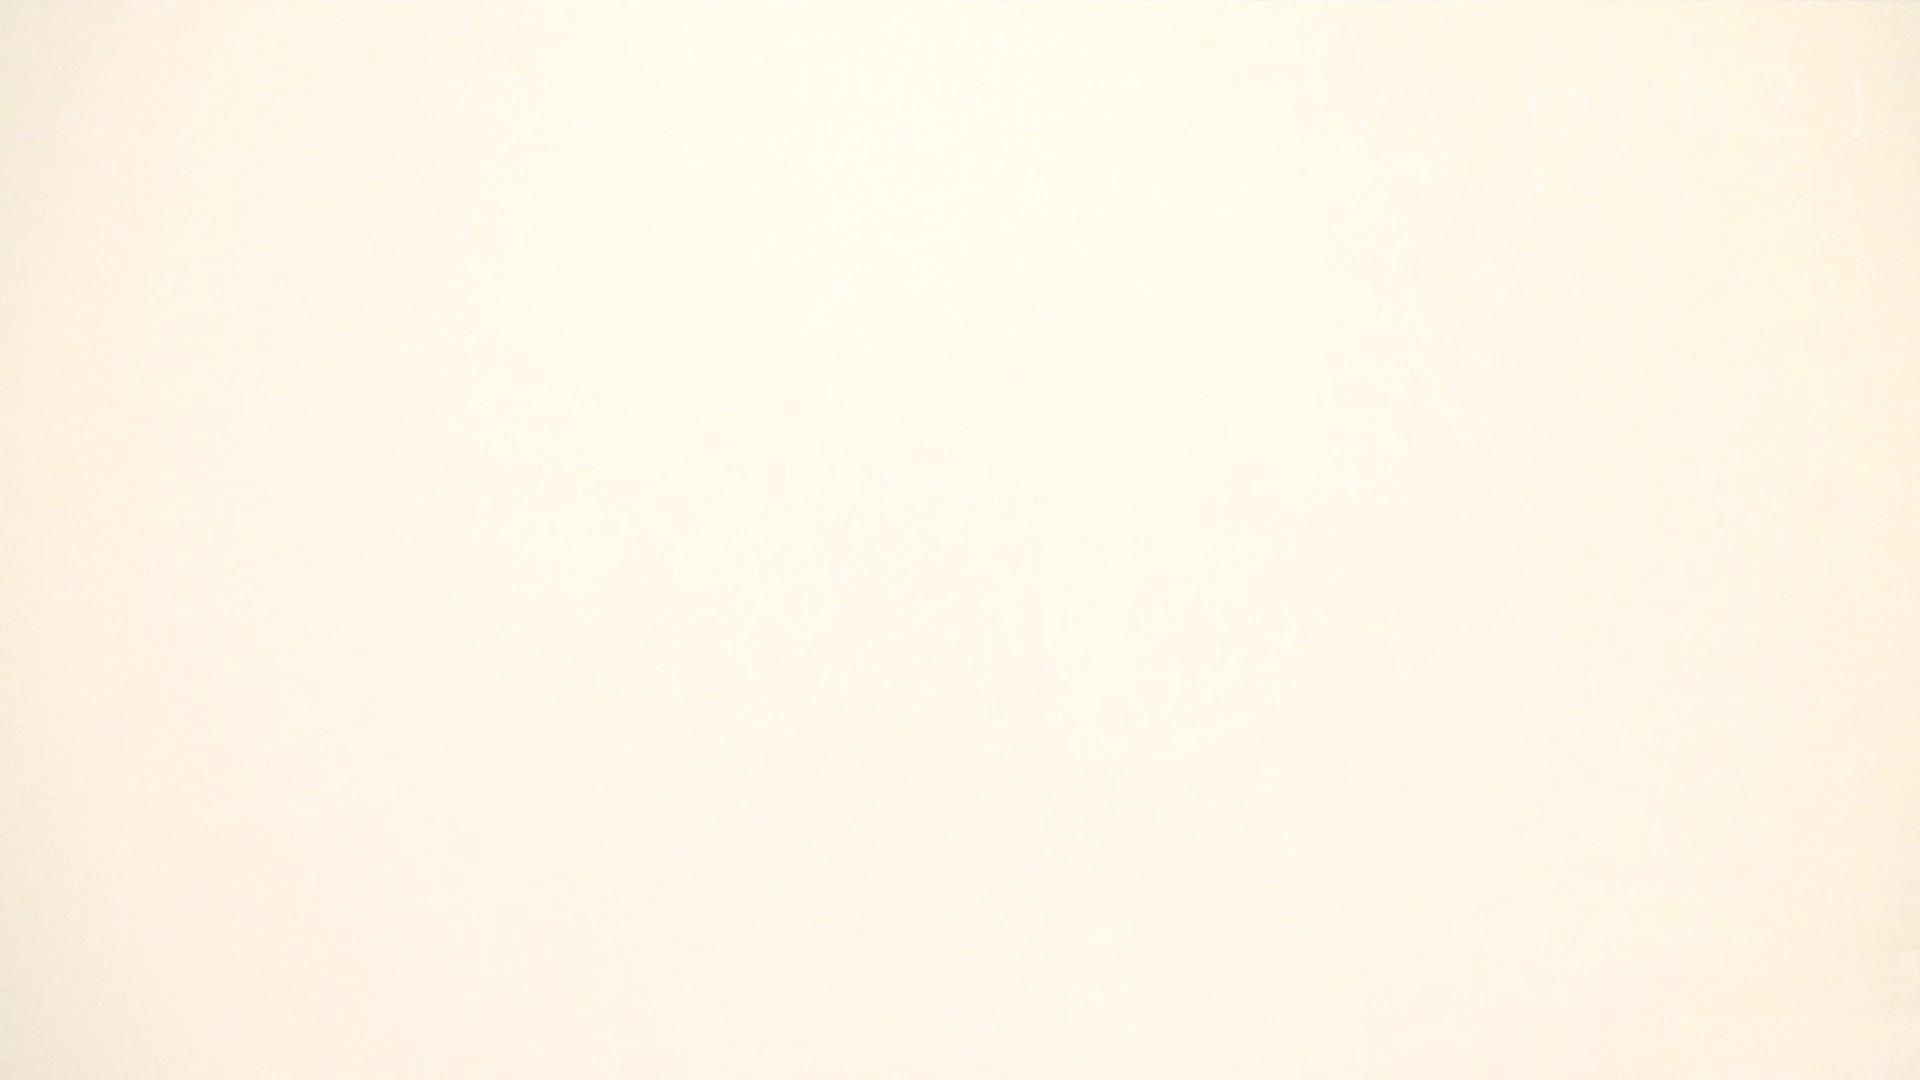 無料アダルト動画:※100個限定販売 至高下半身盗撮 プレミアム Vol.21 ハイビジョン:怪盗ジョーカー